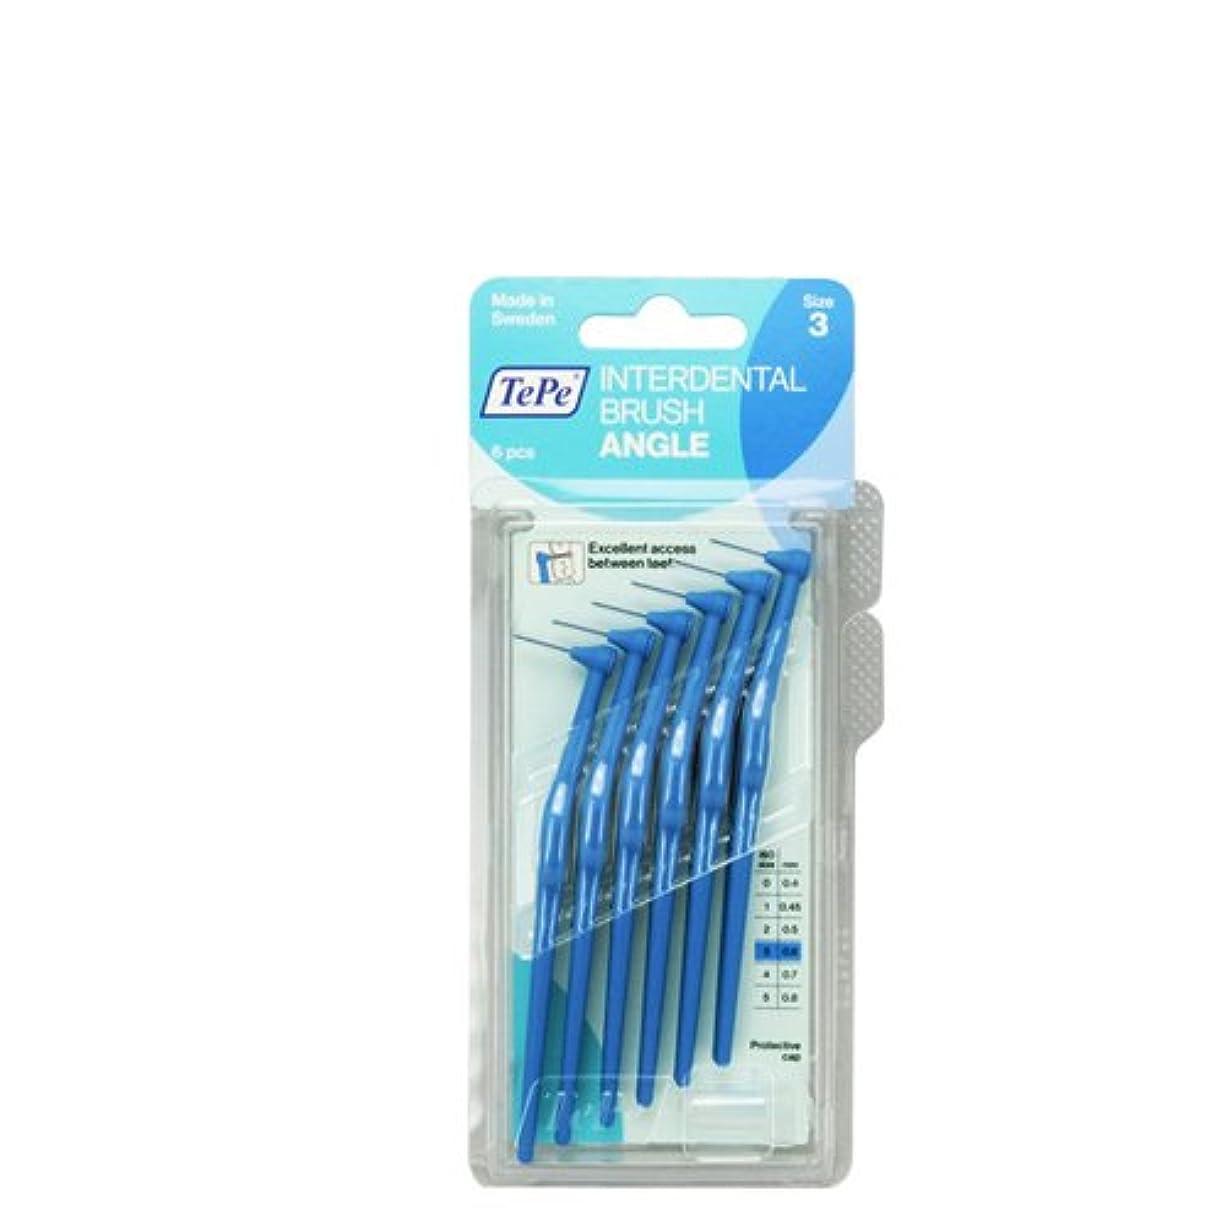 植生漂流独創的テペ アングル 歯間ブラシ 6本入 キャップ1本入 ブルー(0.6mm)